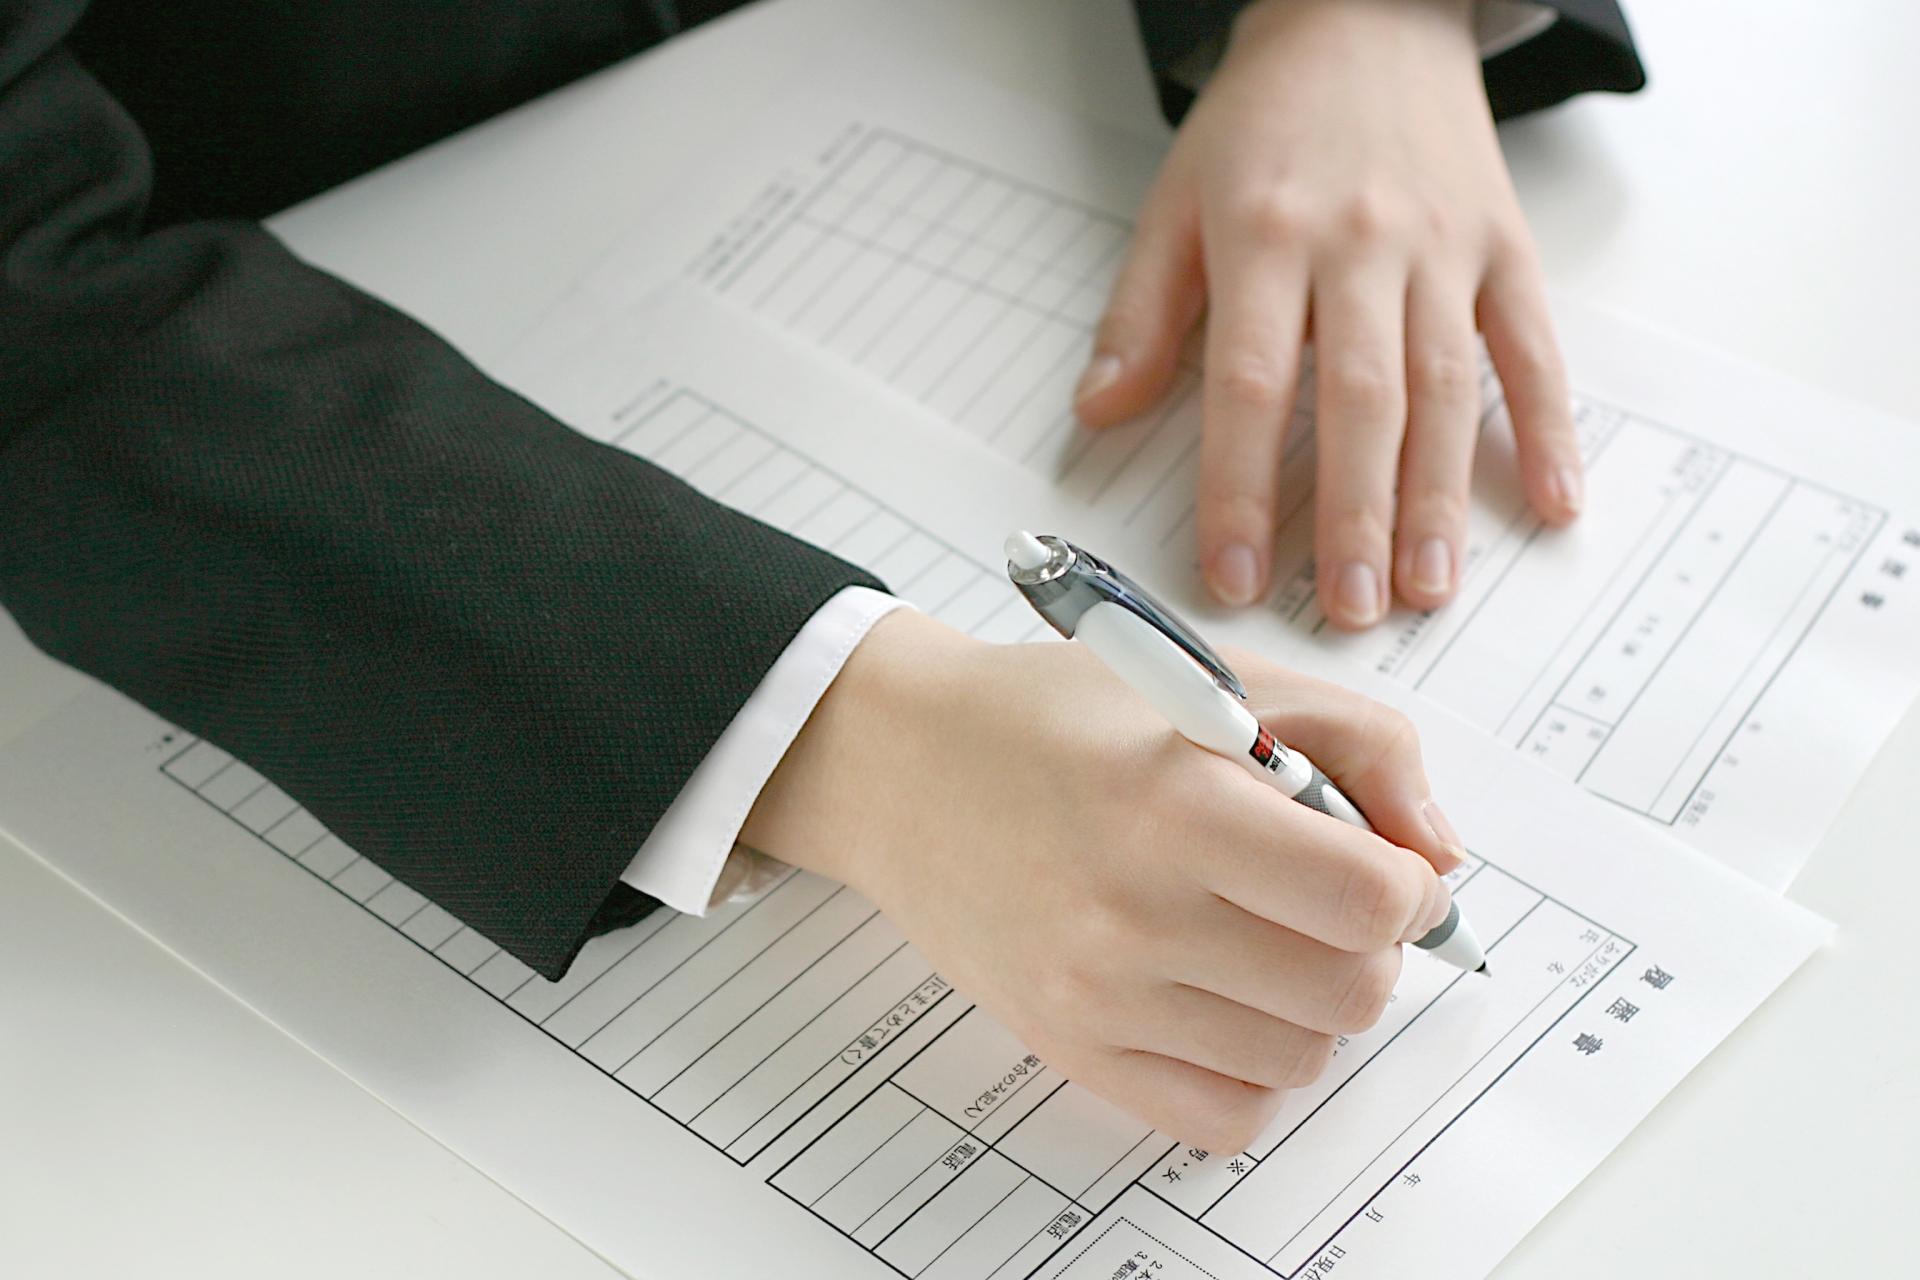 職歴でアルバイトは記入したほうがいい?公務員の場合